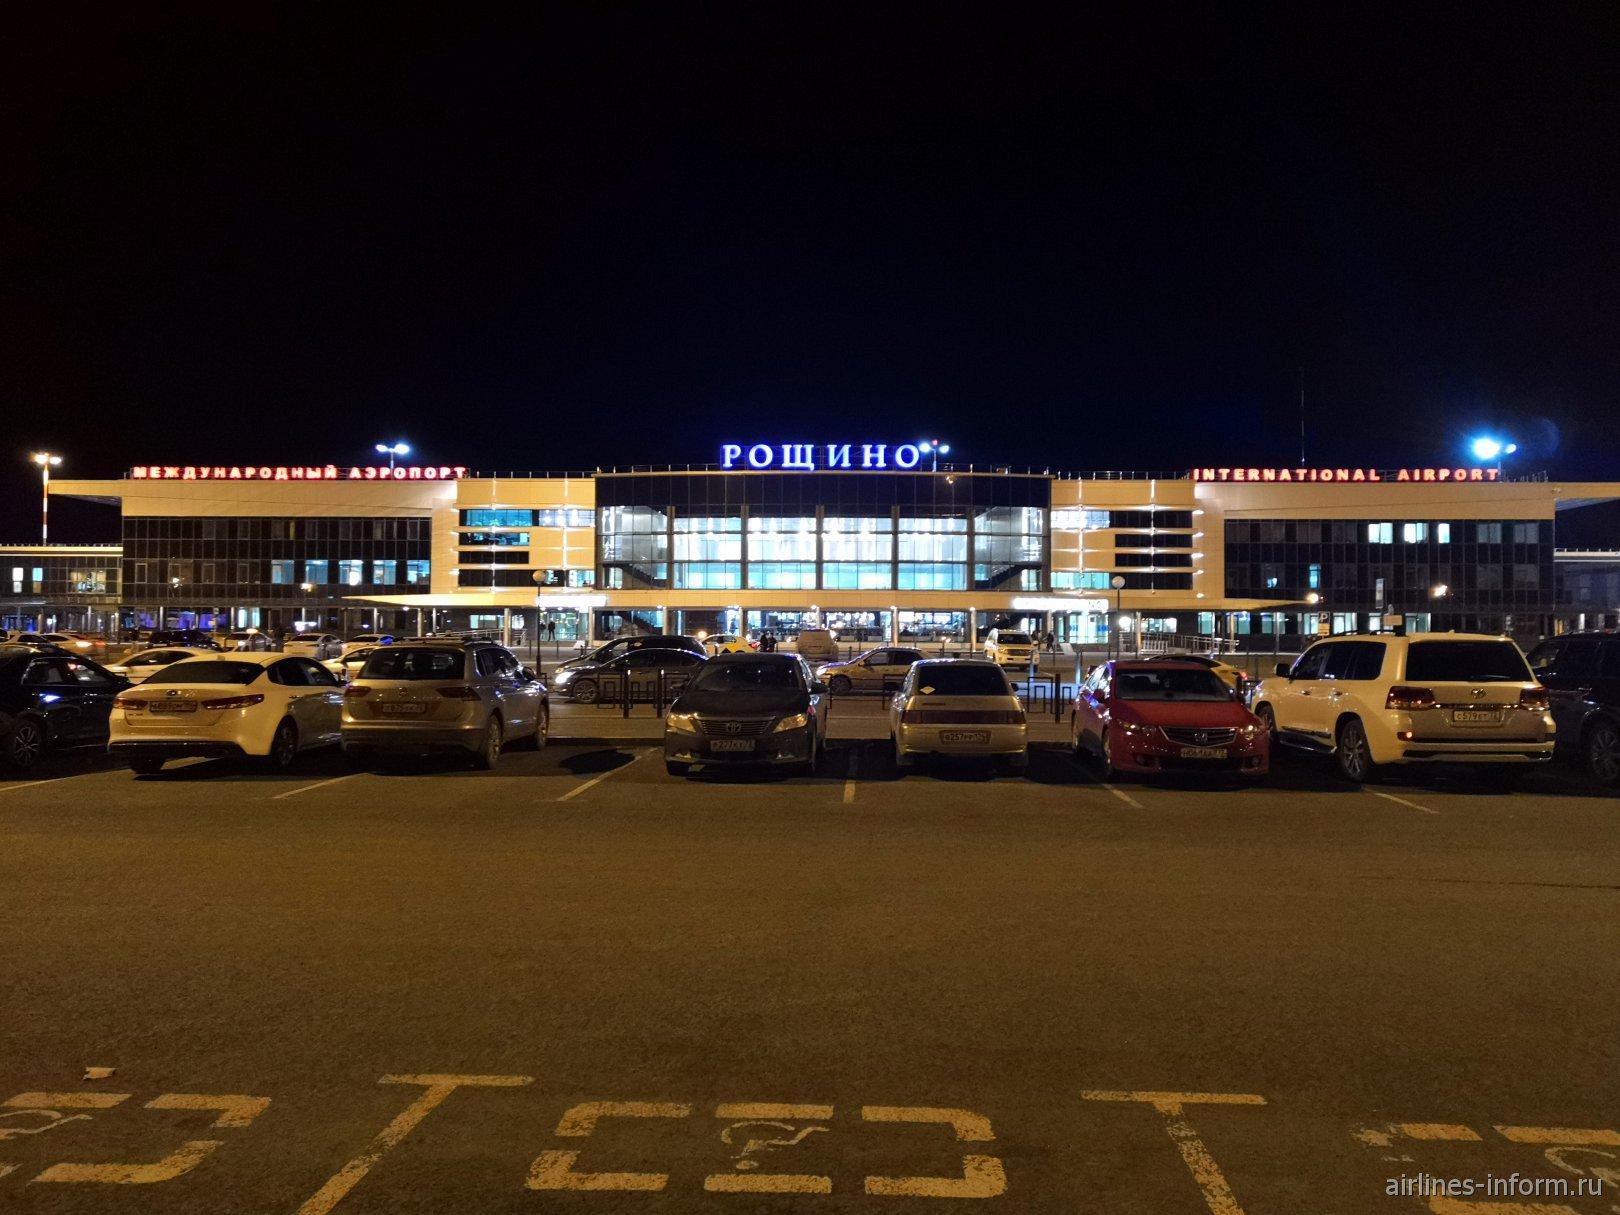 Пассажирский терминал аэропорта Тюмень Рощино